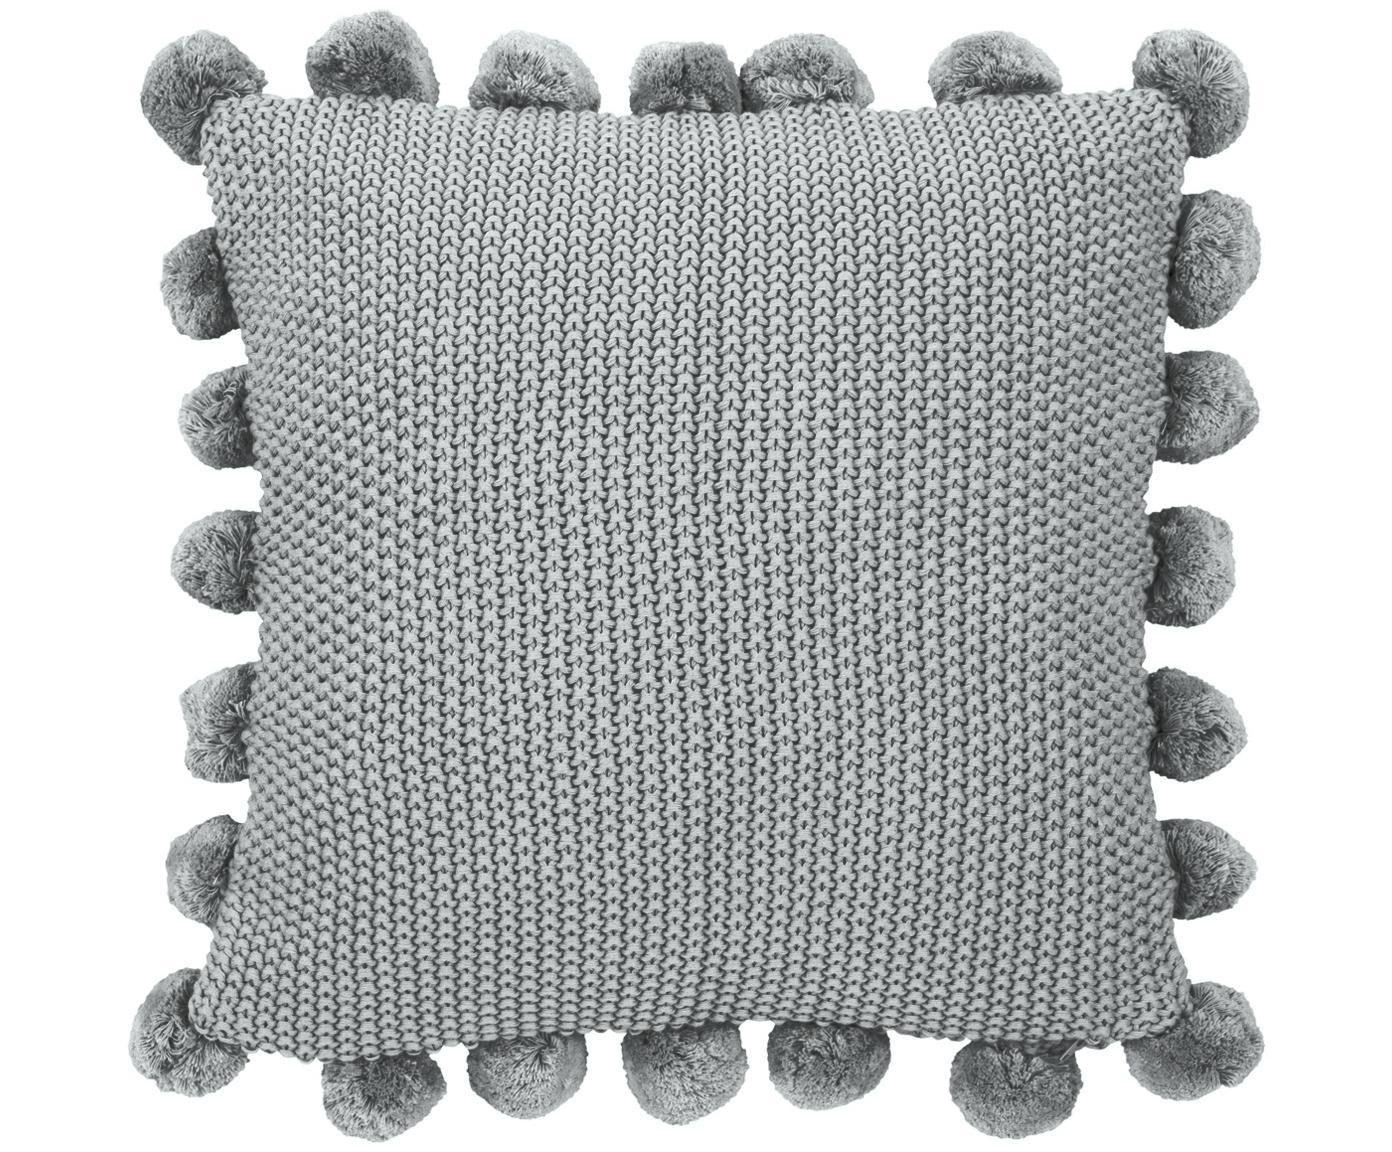 Federa arredo fatta a maglia con pompon Molly, 100% cotone, Grigio chiaro, Larg. 40 x Lung. 40 cm